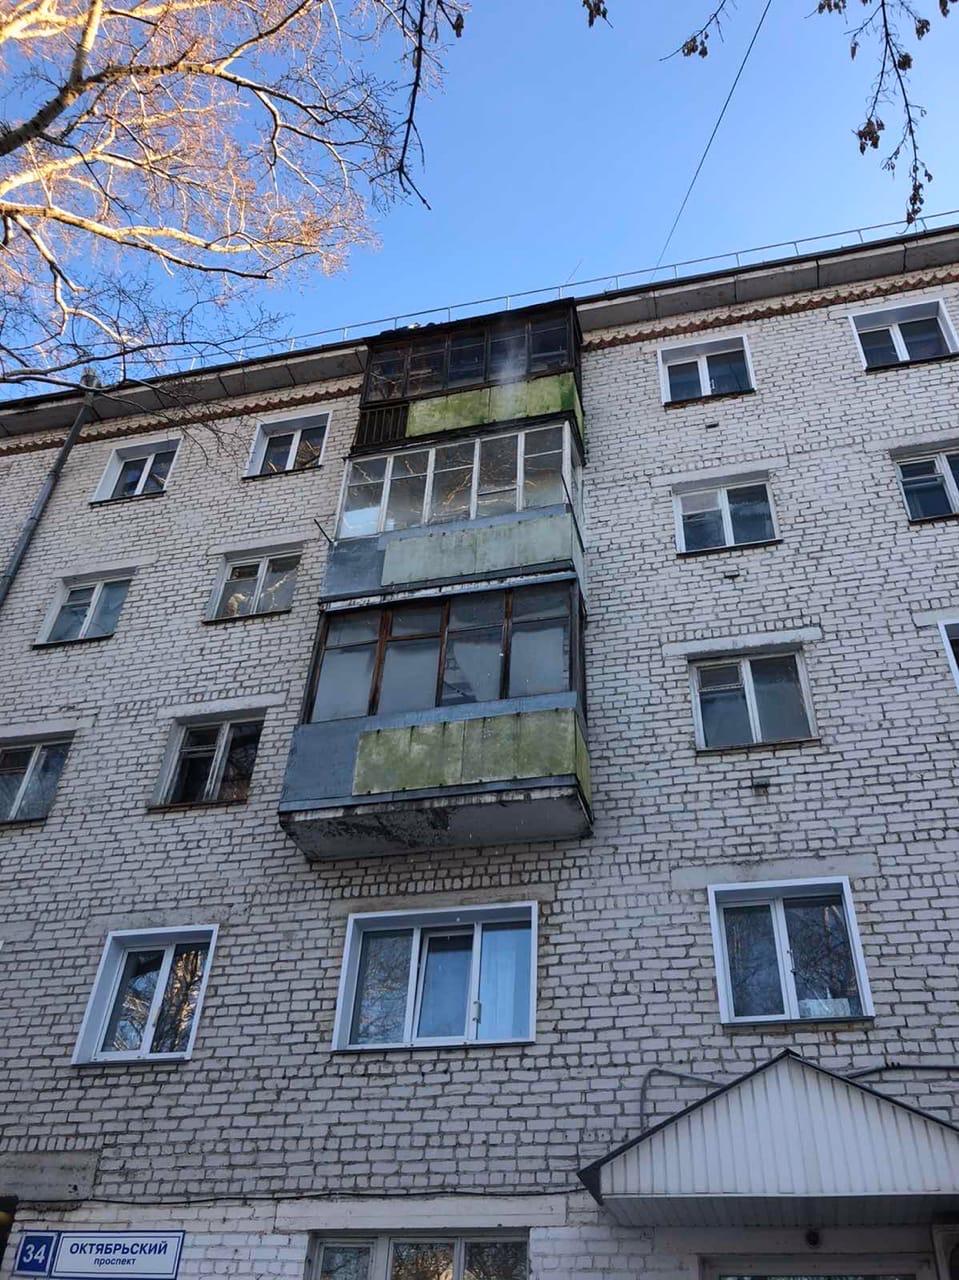 Октябрьский проспект дом 34 чистка периметра кровли